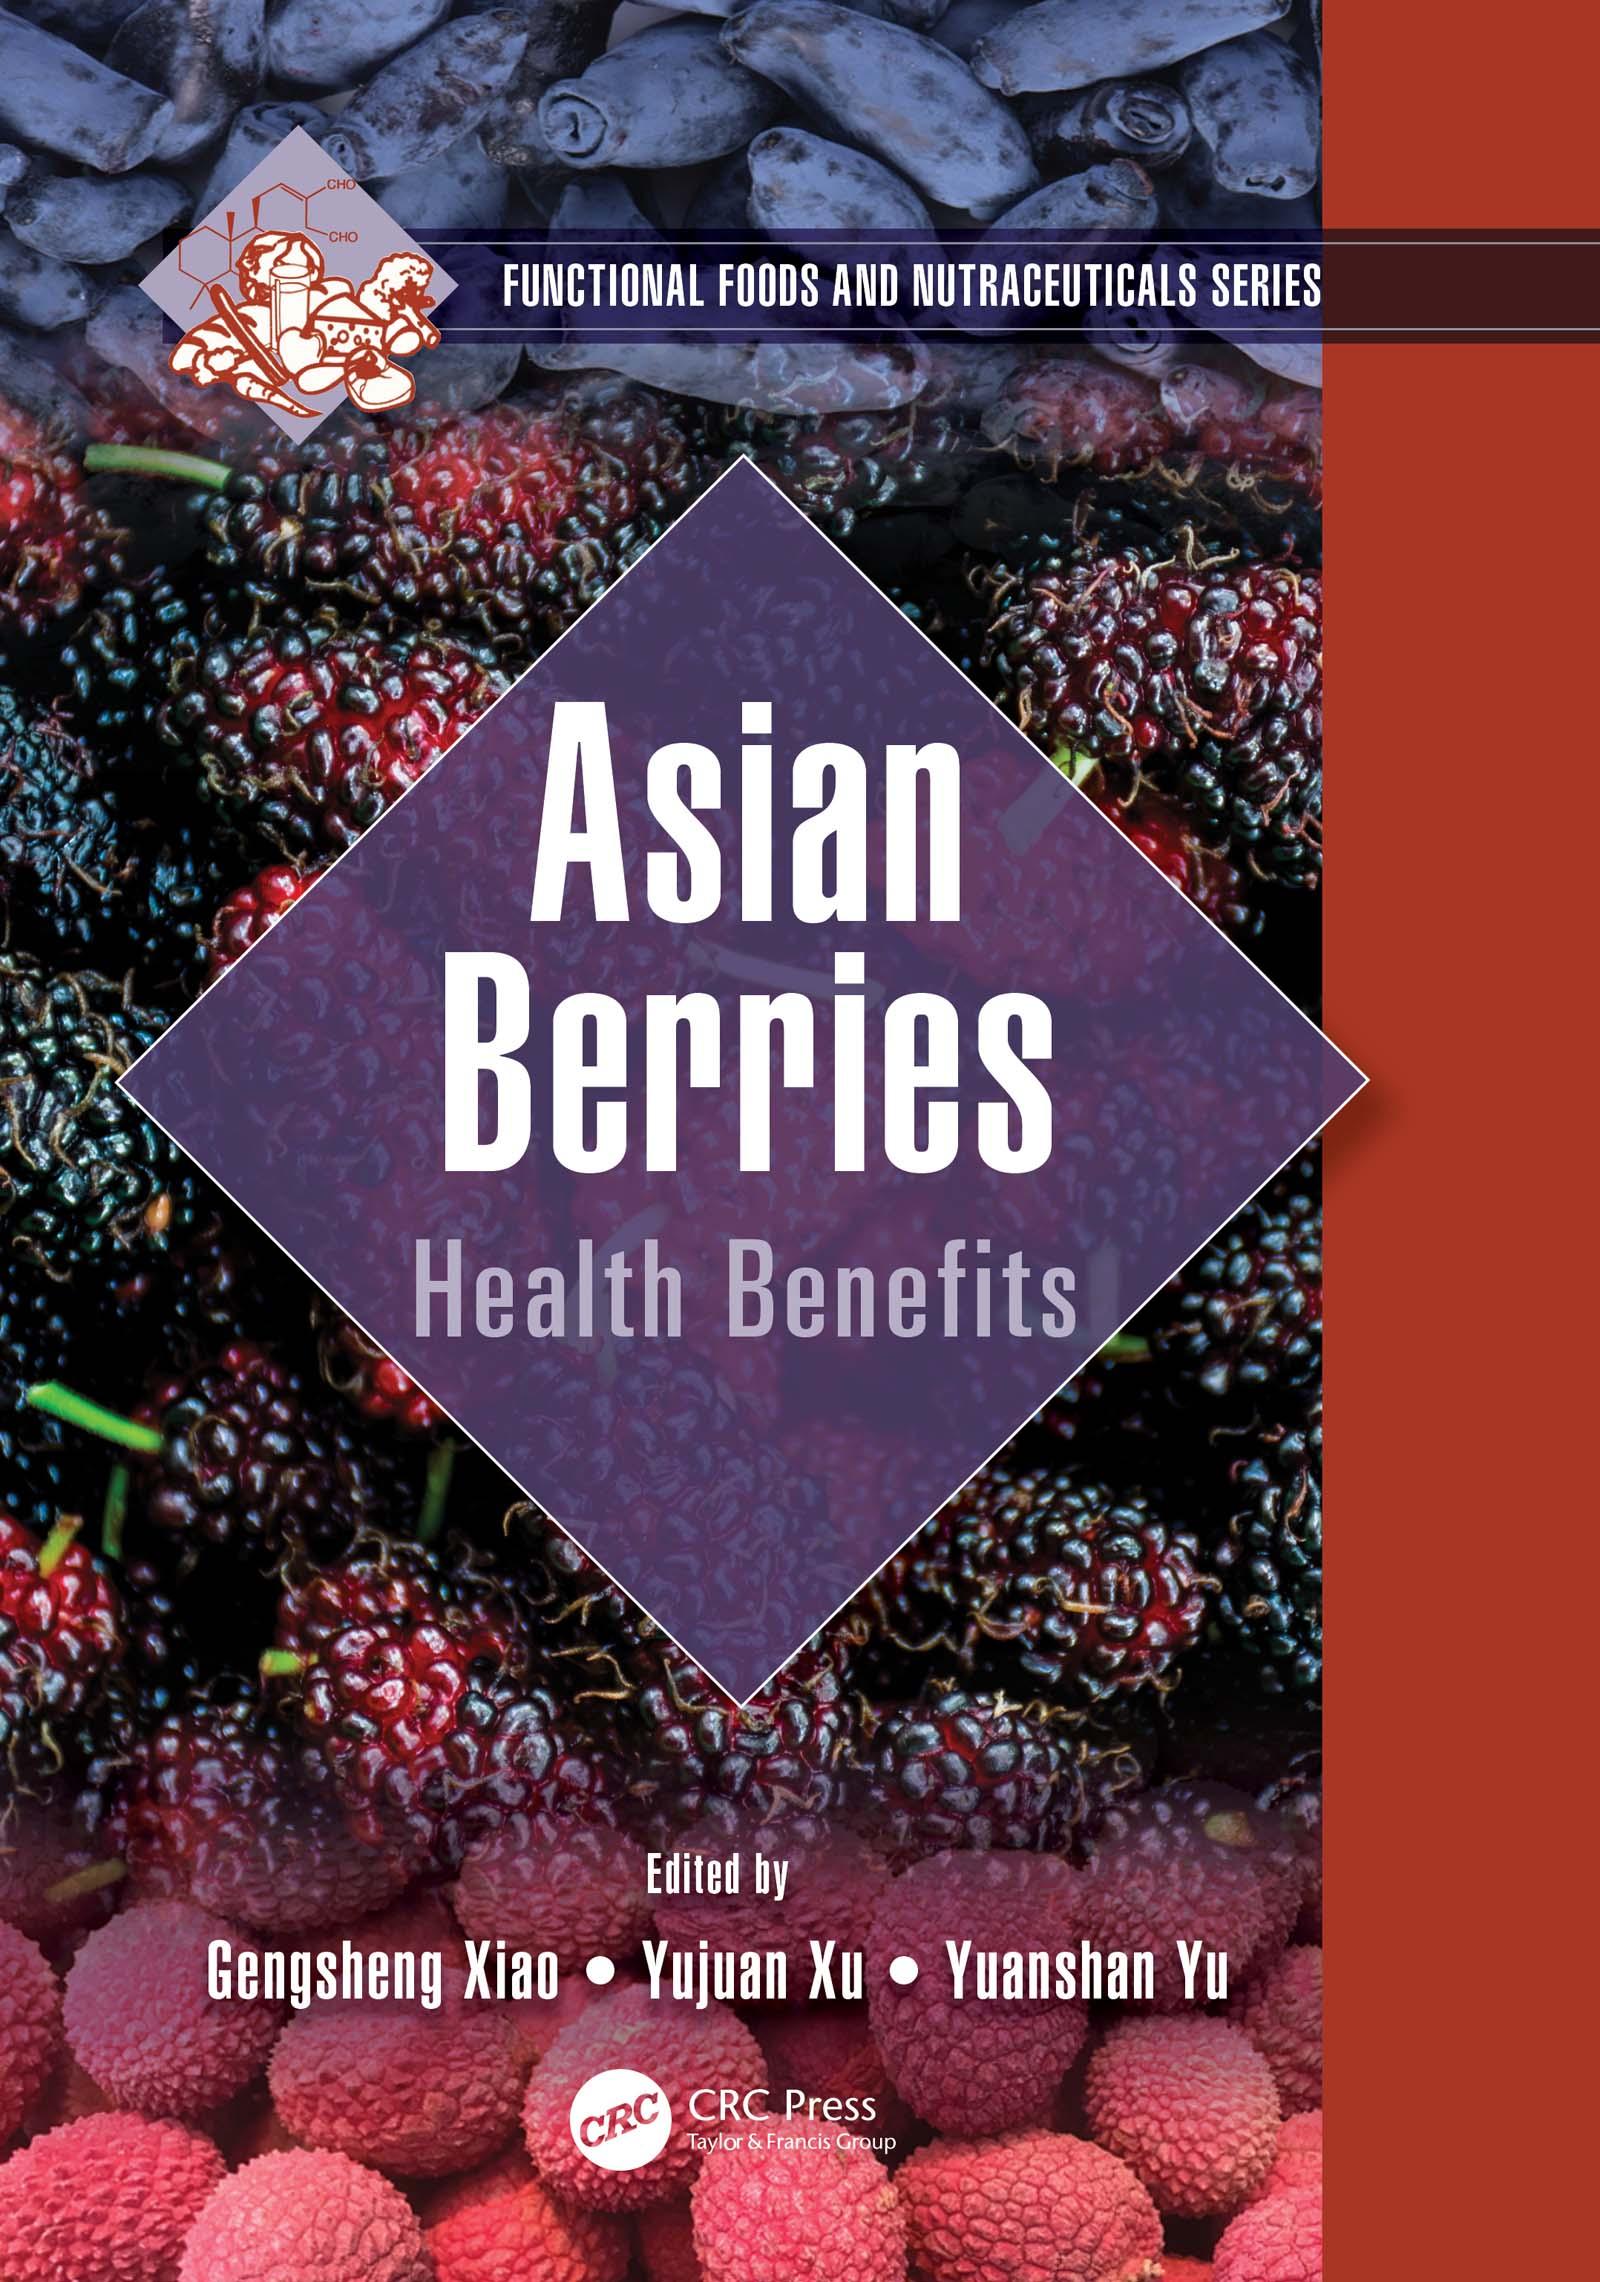 Asian Berries